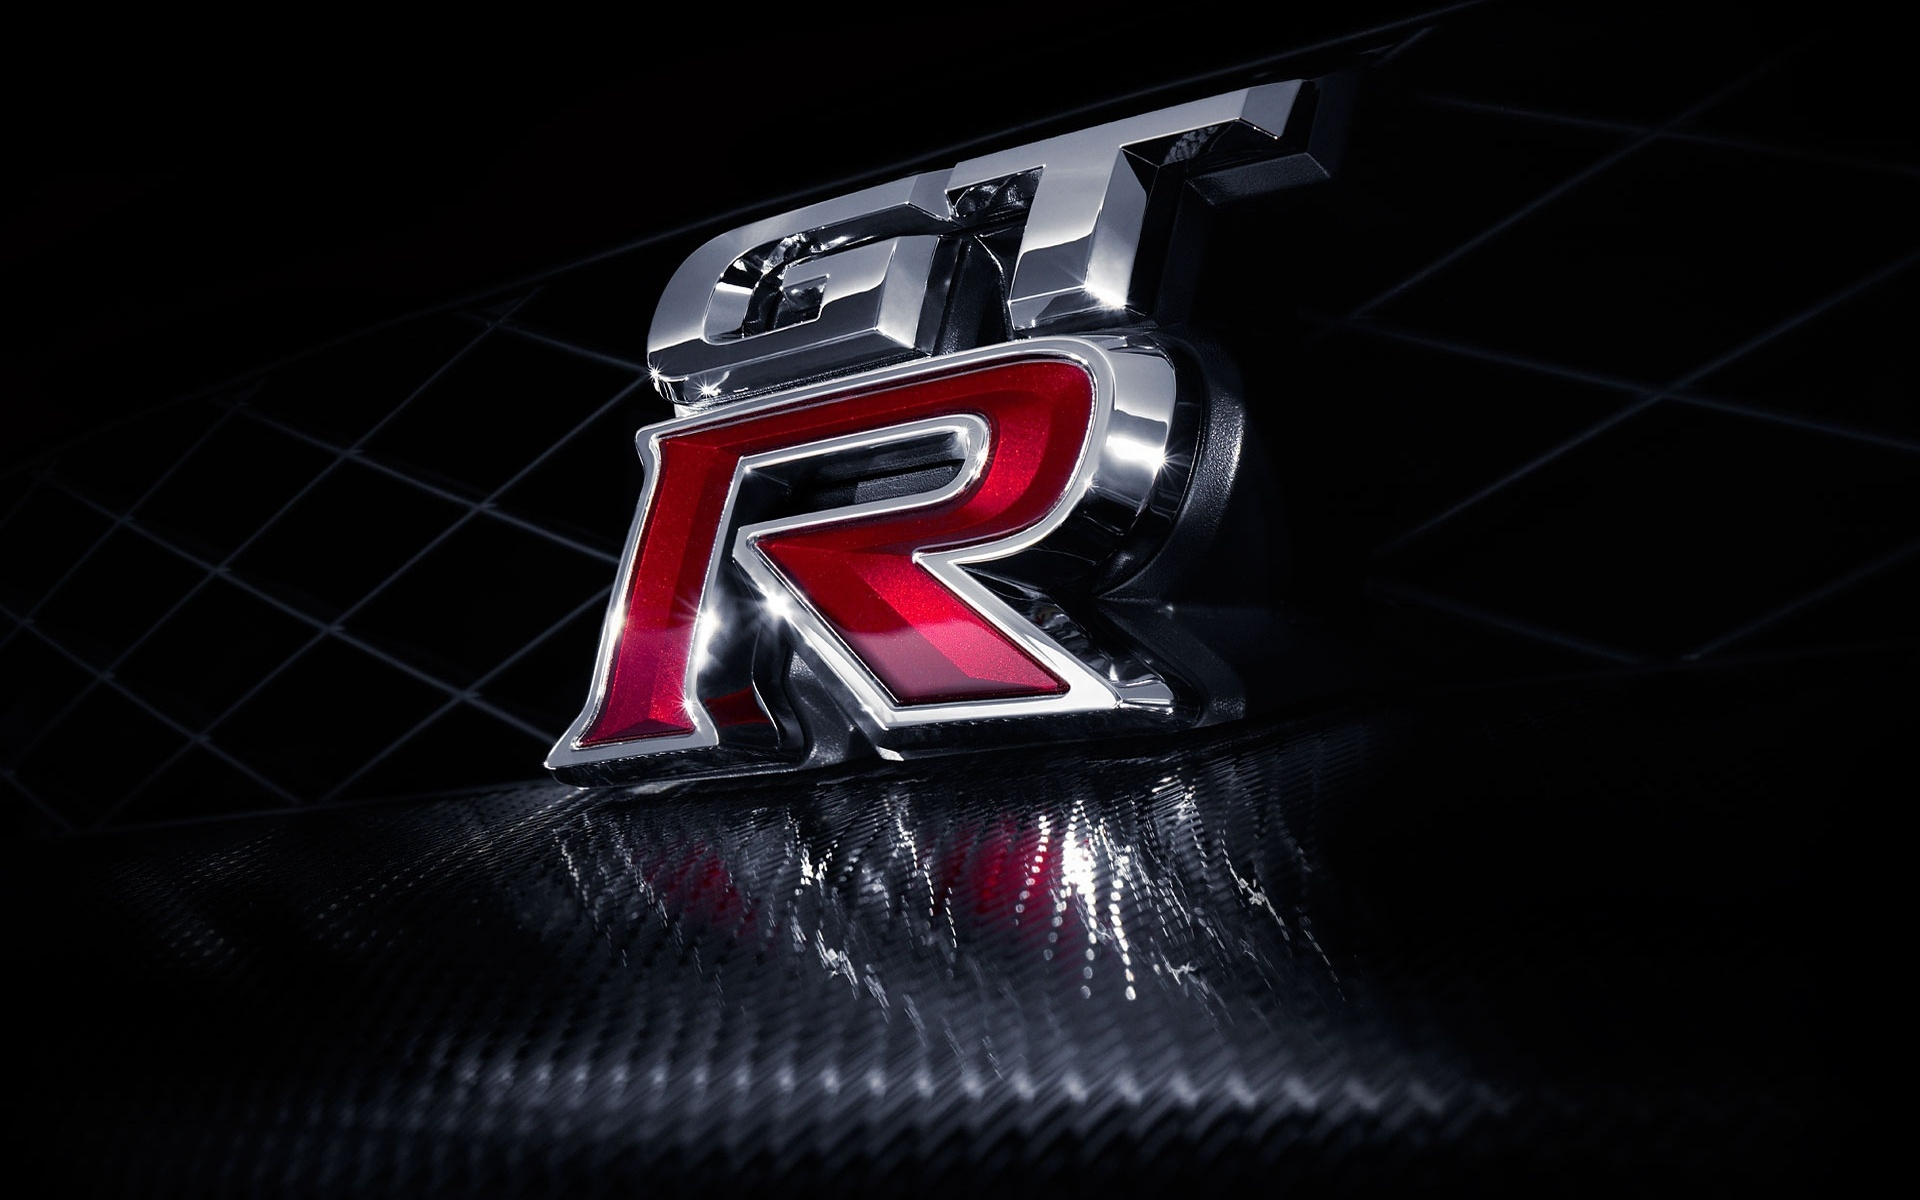 GTR Cars Logo Wallpaper HD 1524 Wallpaper High Resolution 1920x1200